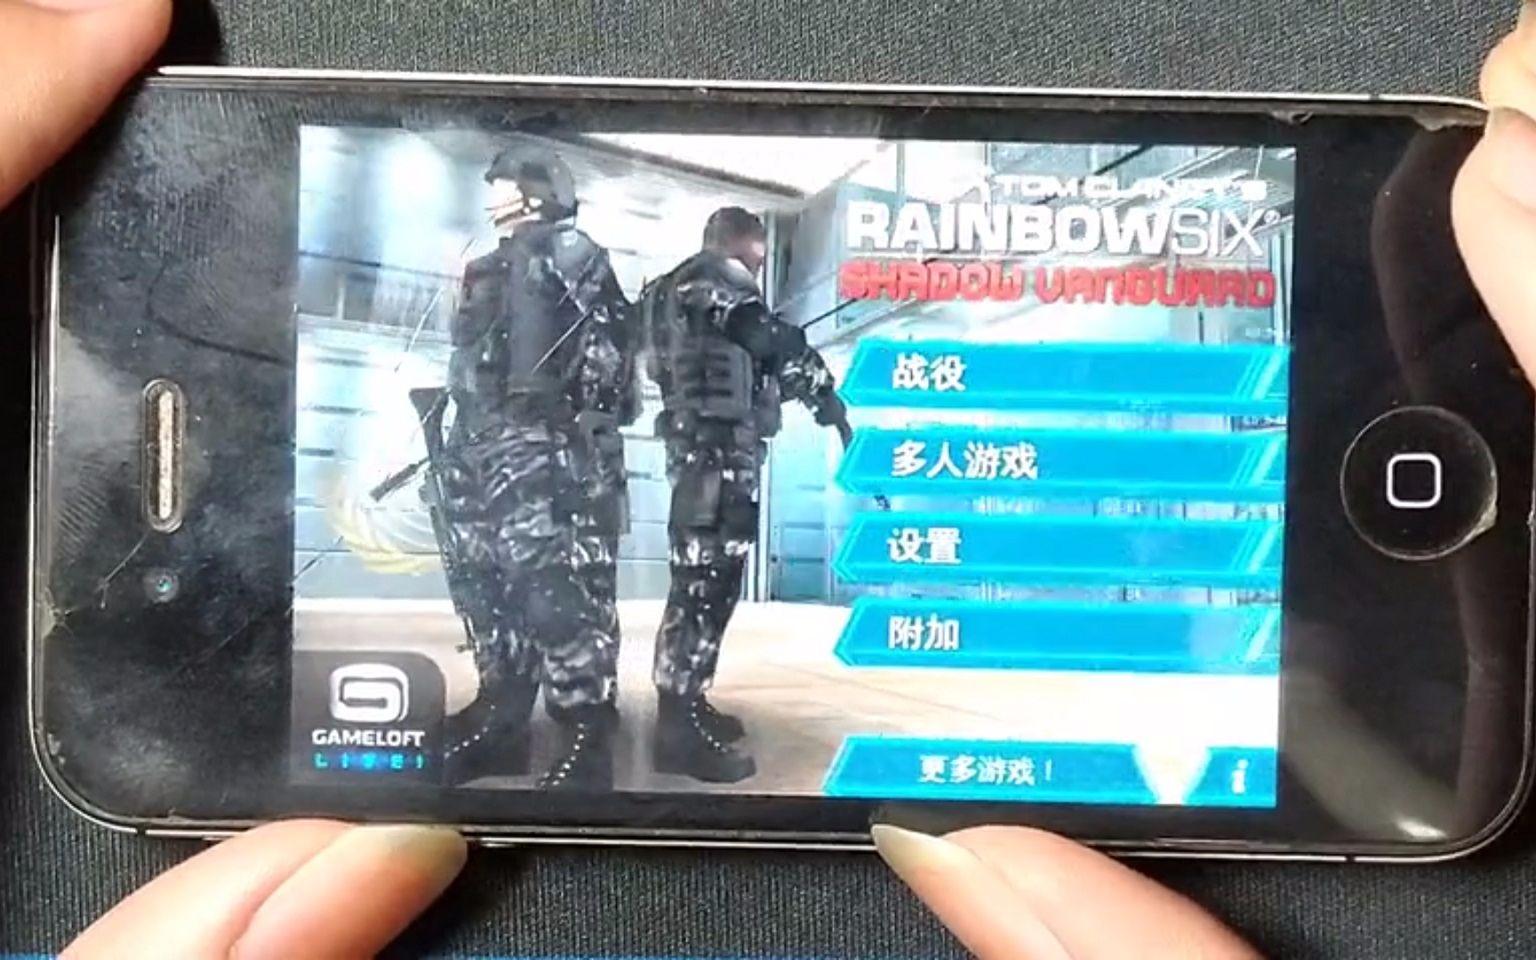 彩虹 六 号 手机 版